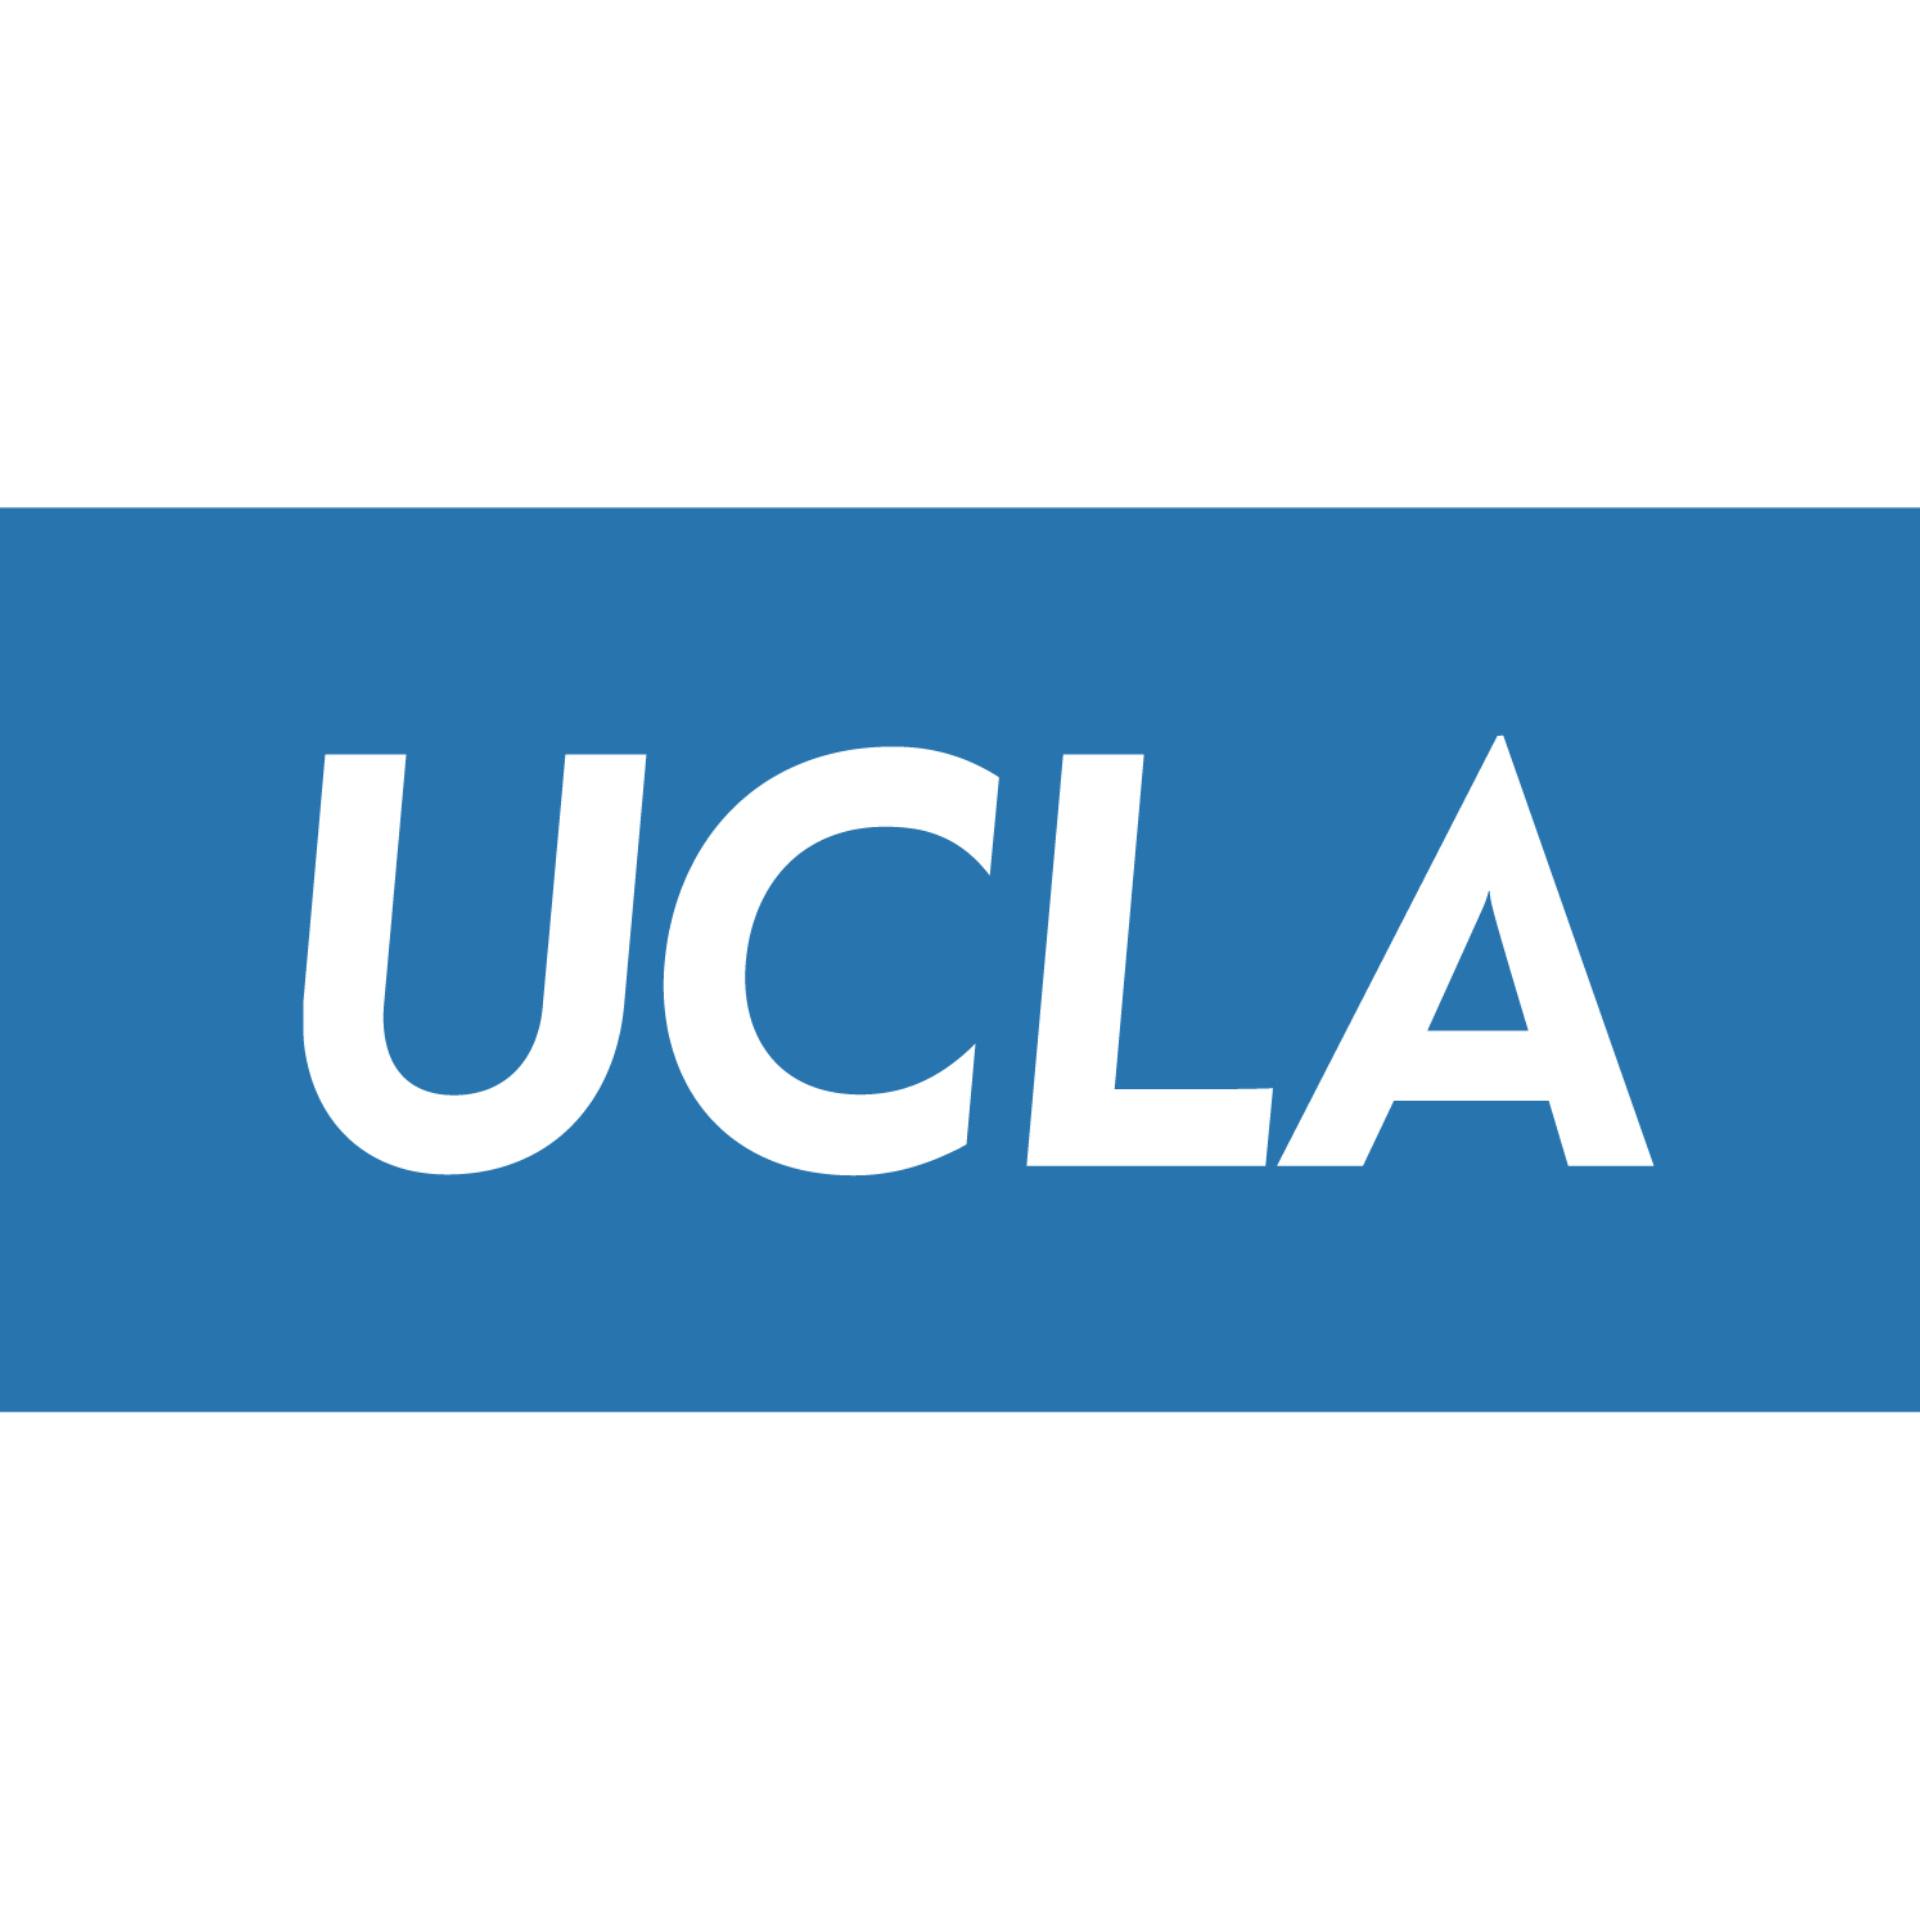 logo_UCLA2